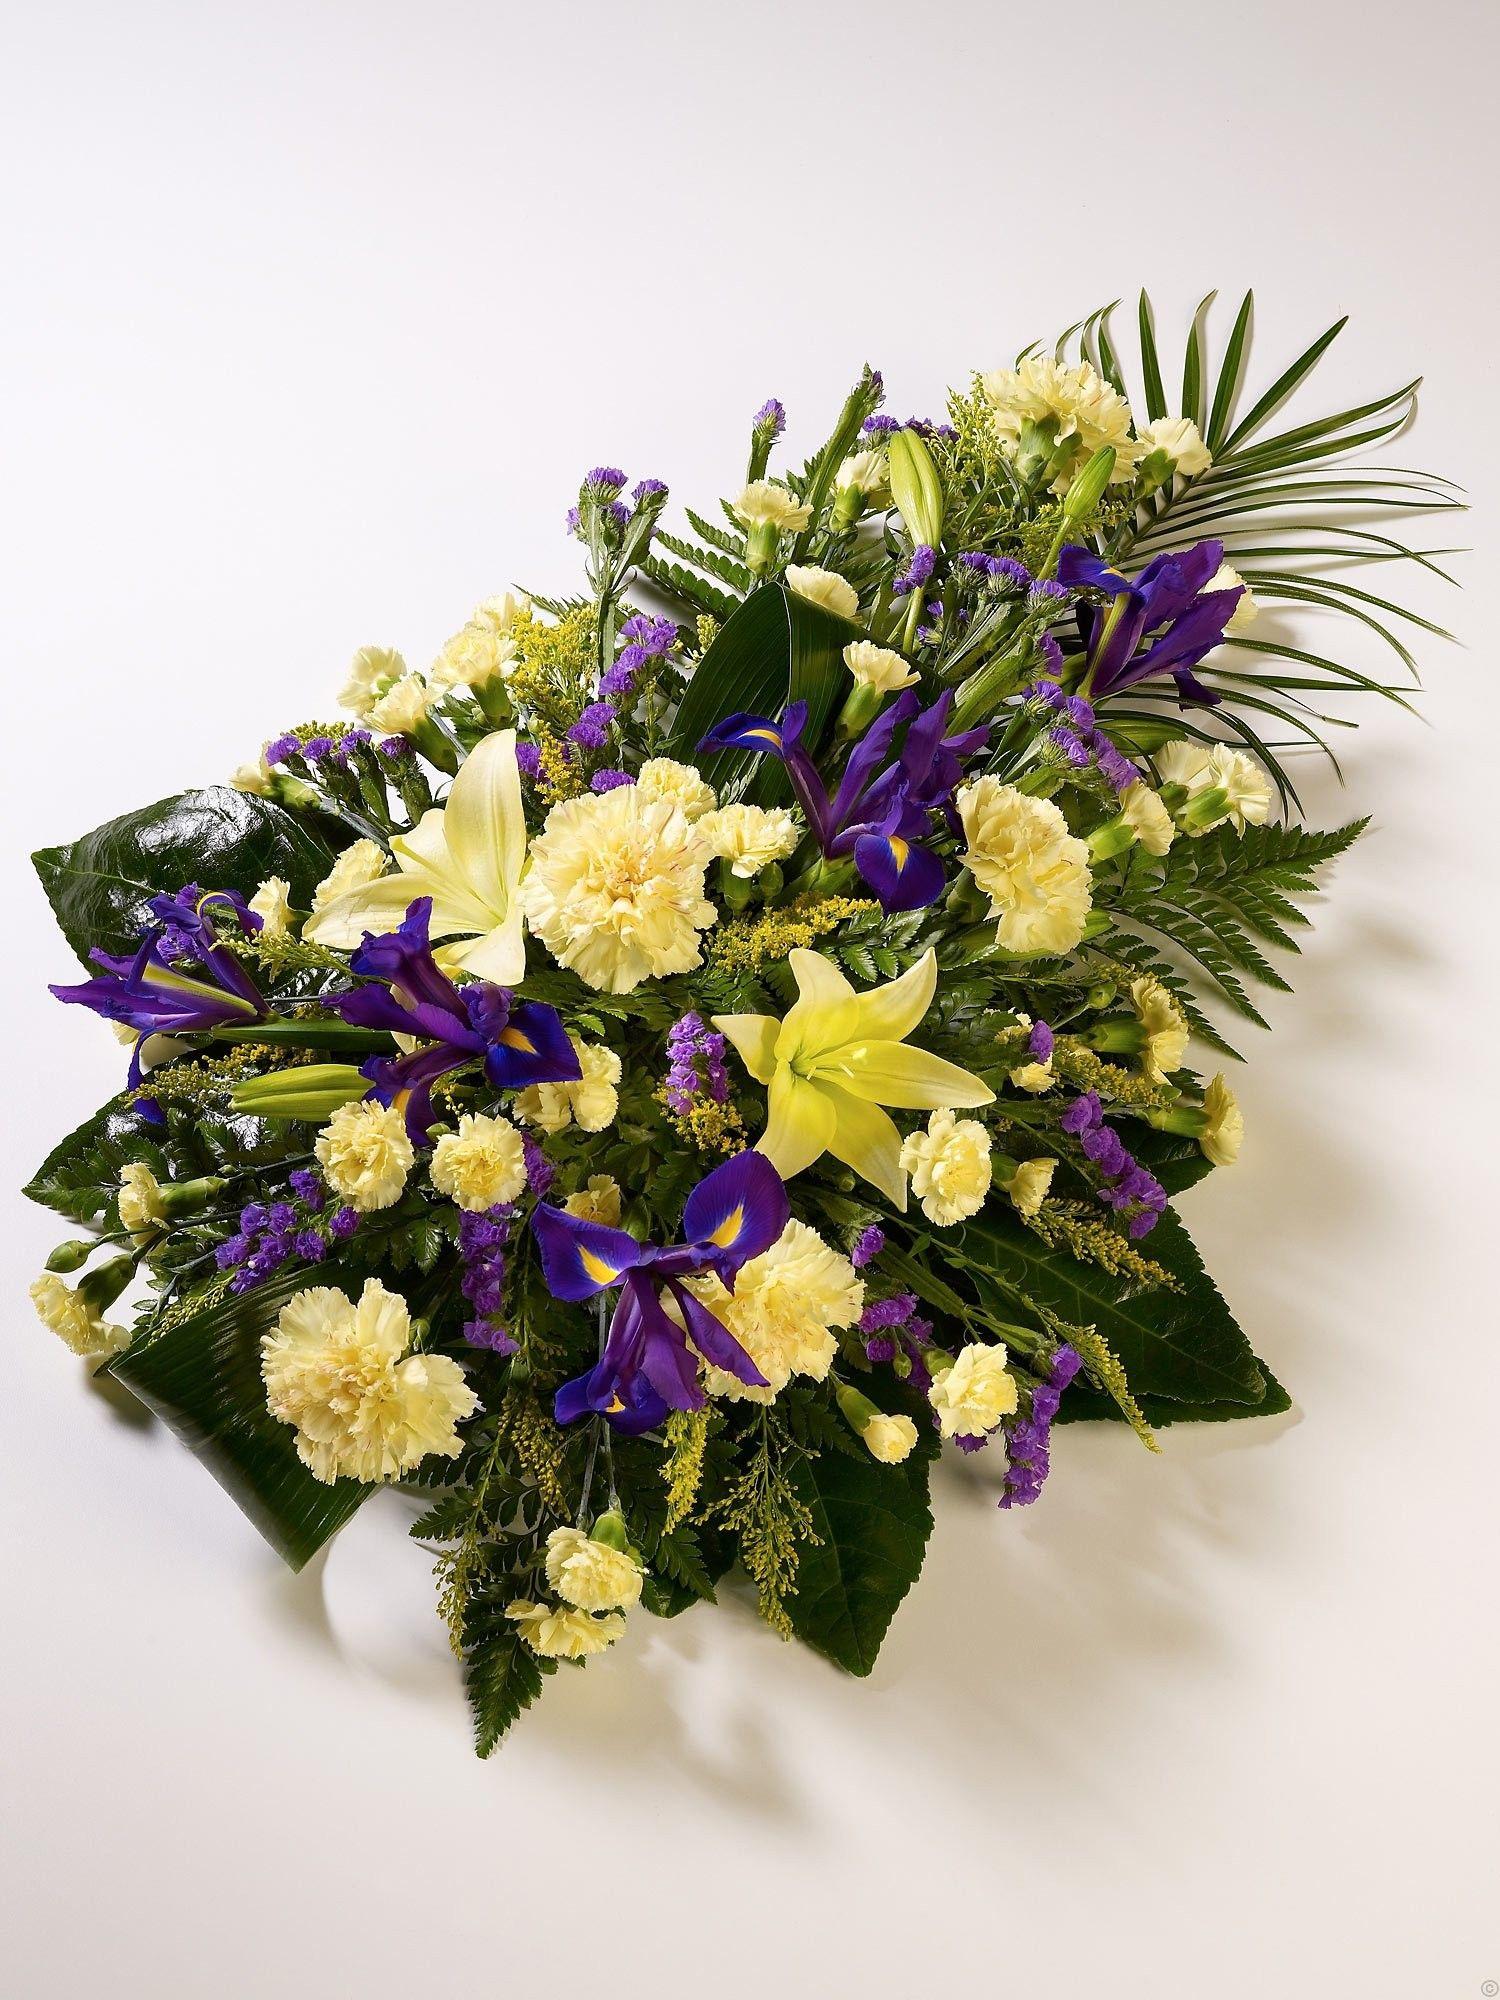 Lily Iris Teardrop Spray Funeral Flowers Funeral Flowers